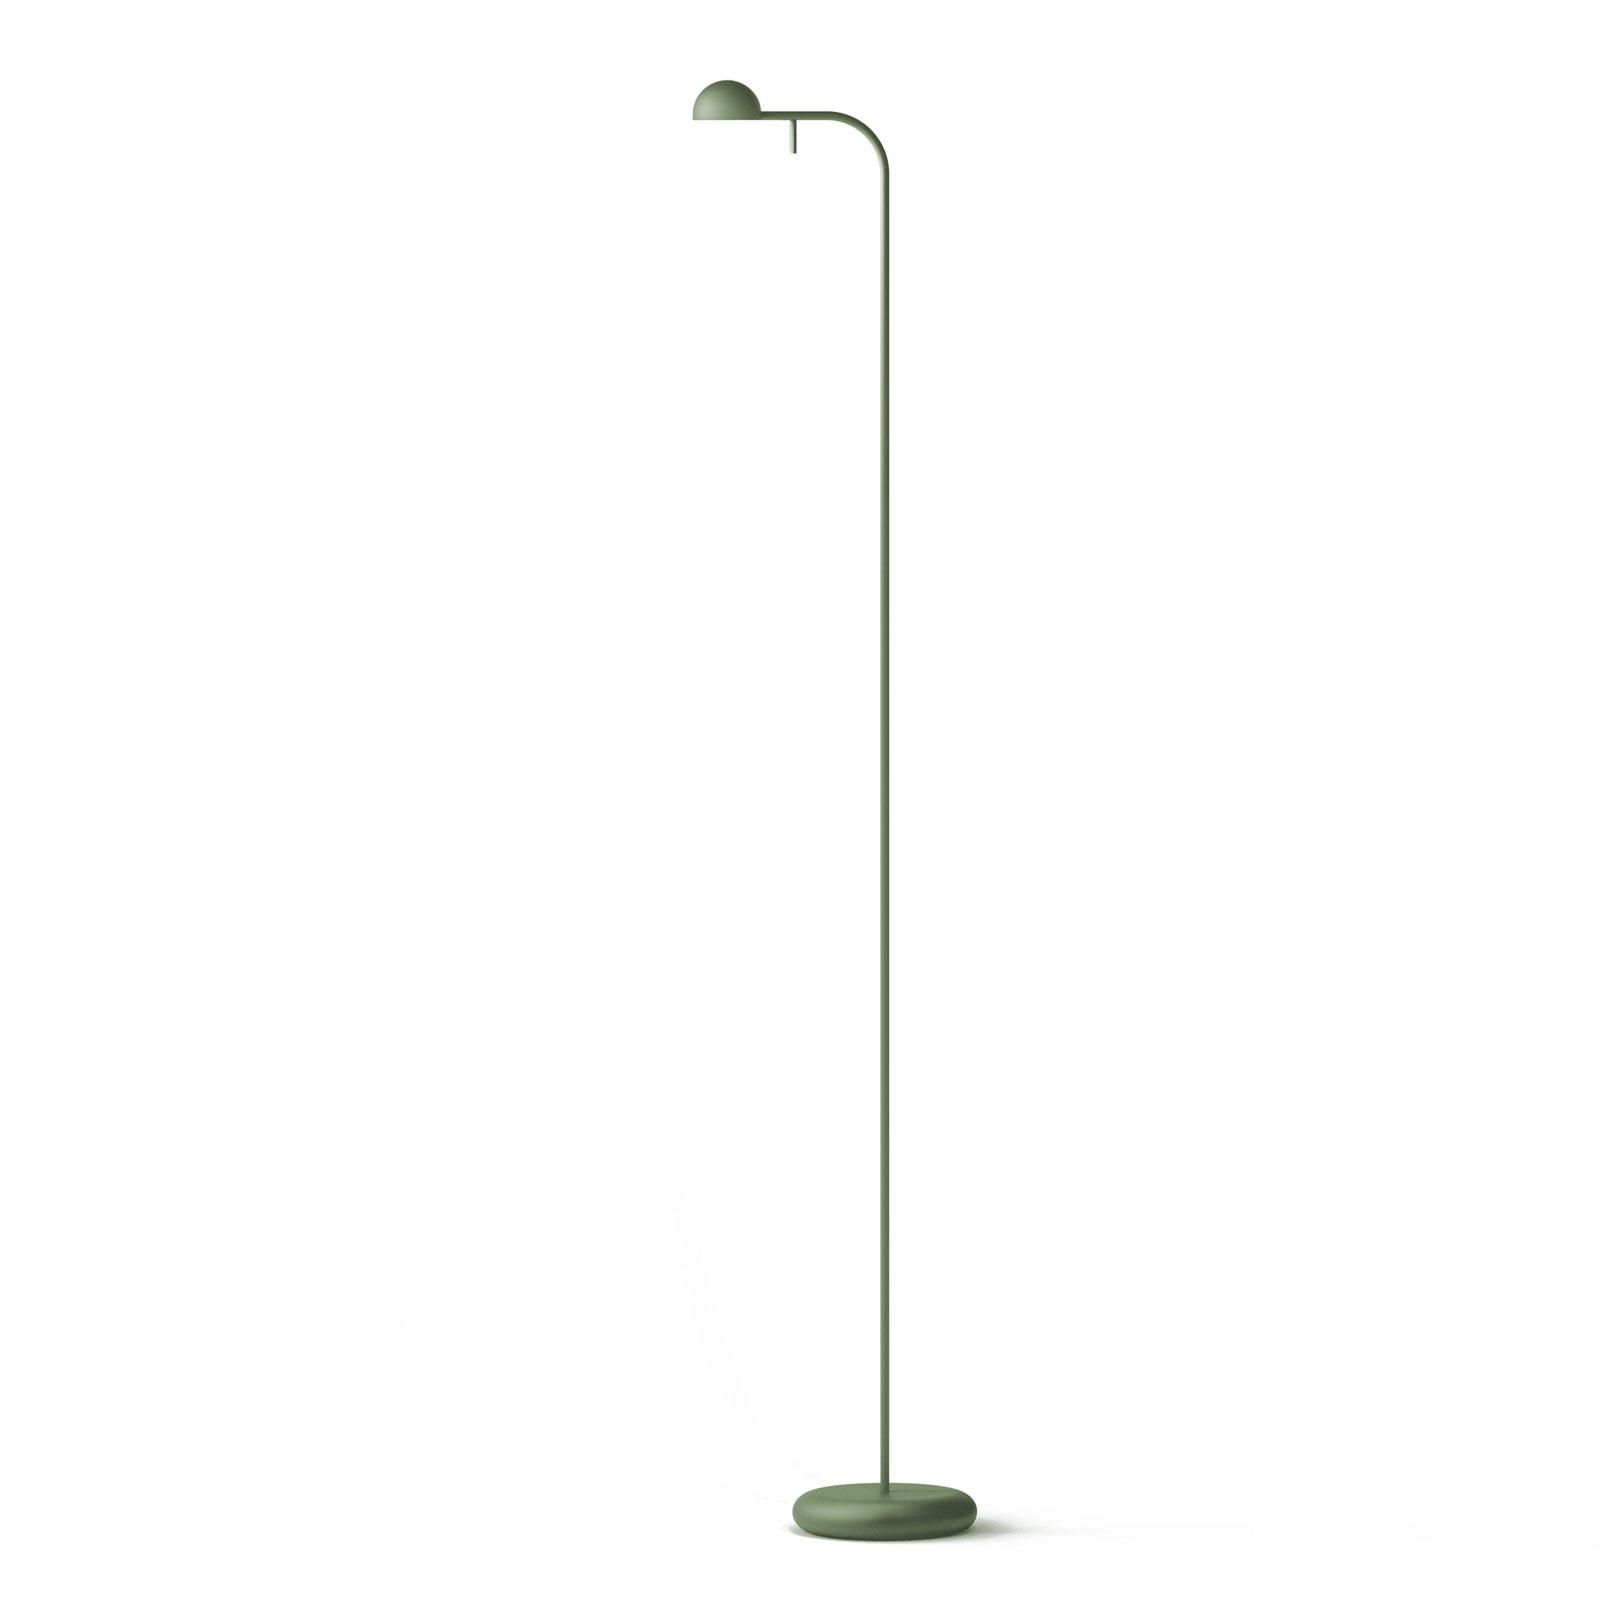 Vibia Pin 1660 LED-lattiavalaisin, 125 cm, vihreä